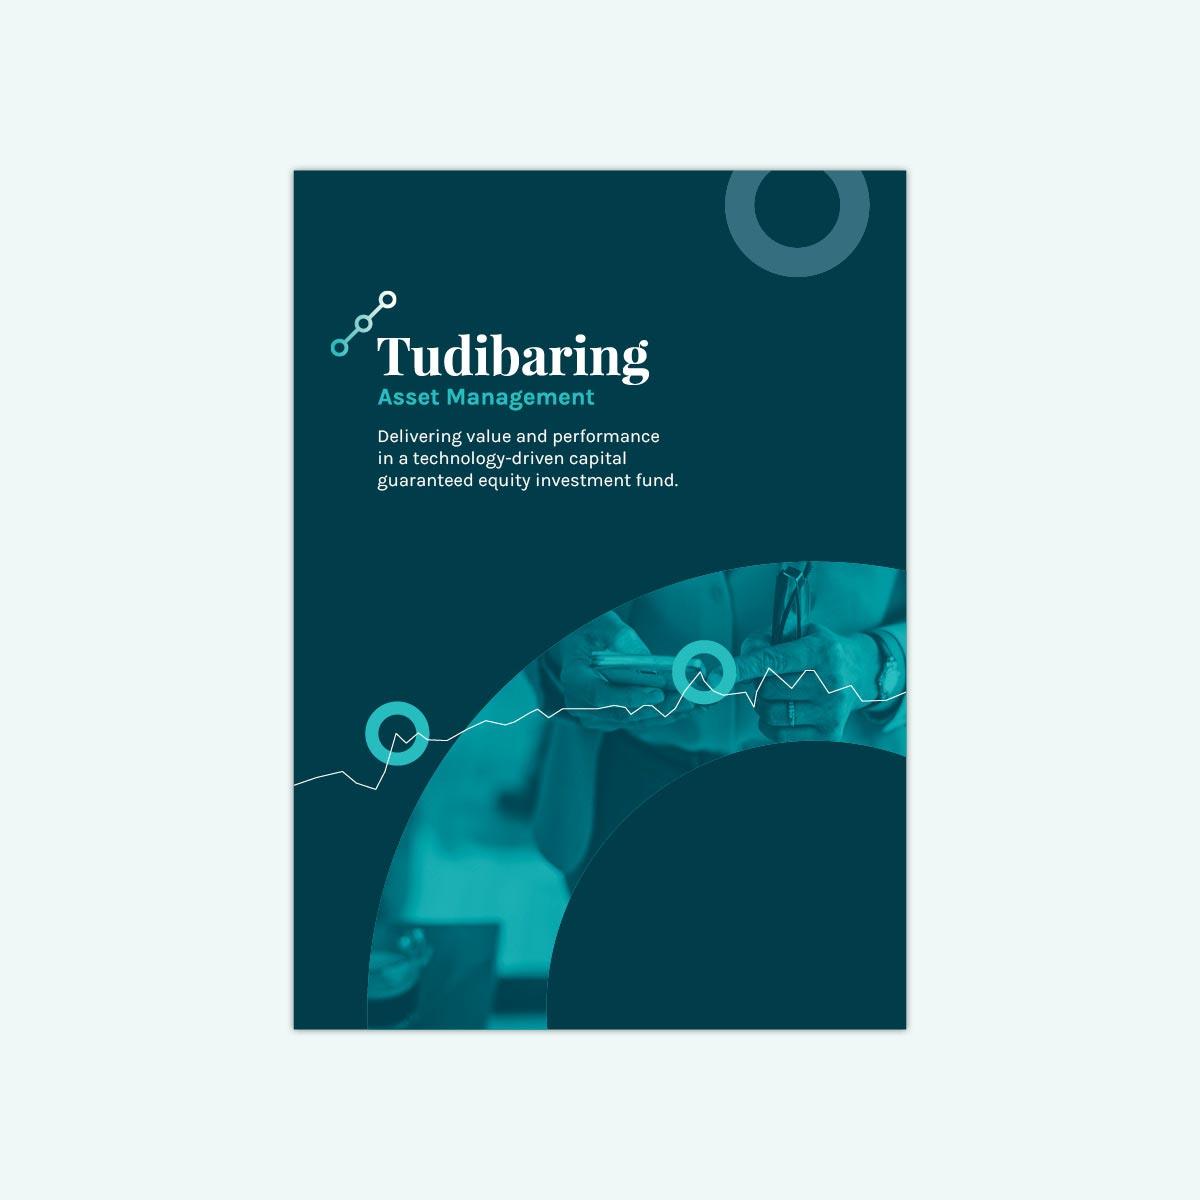 tudibaring-3.jpg